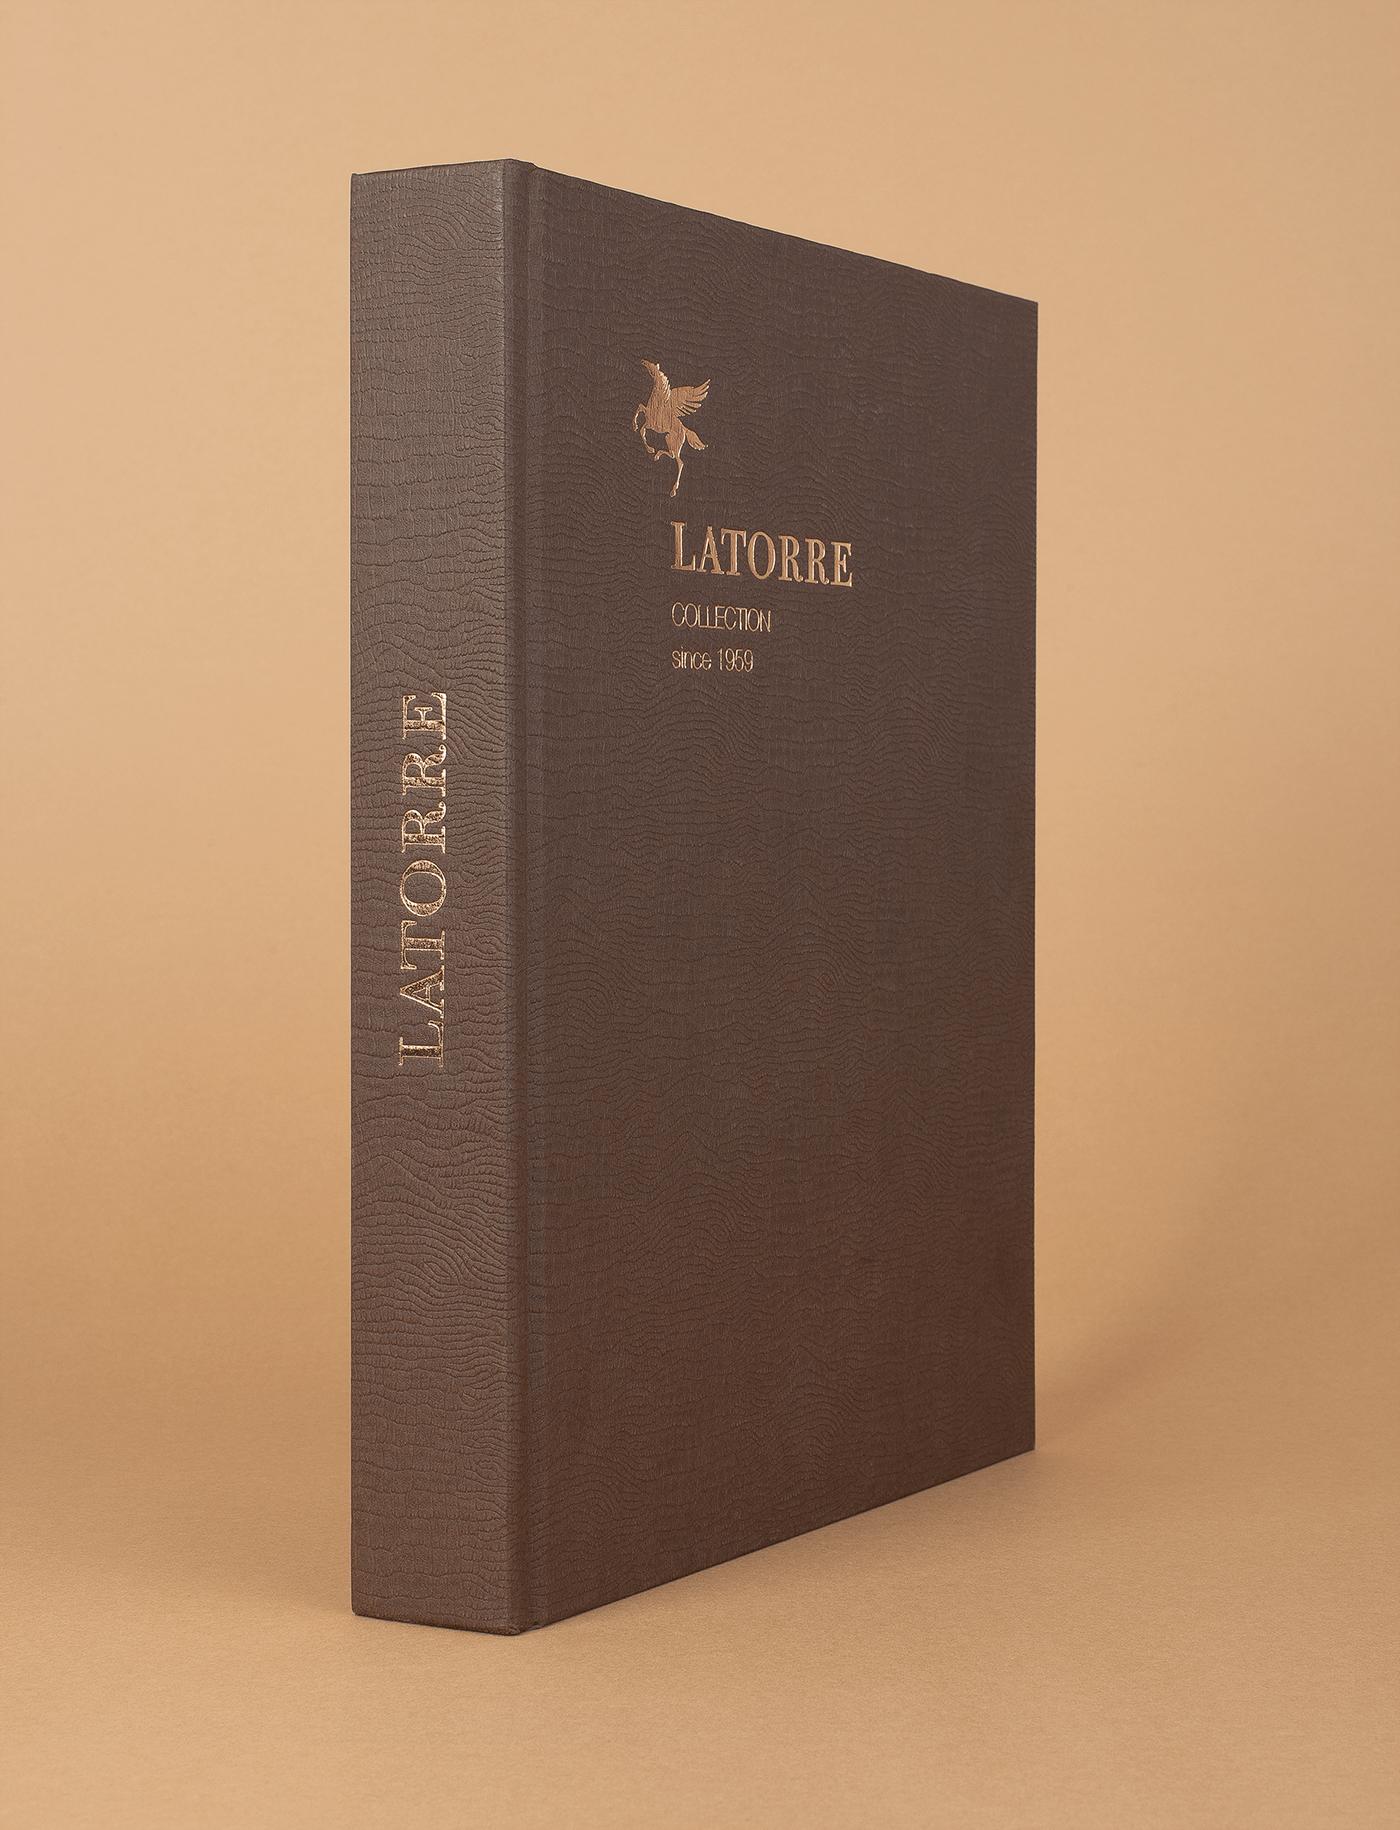 Catálogo Collection - Latorre